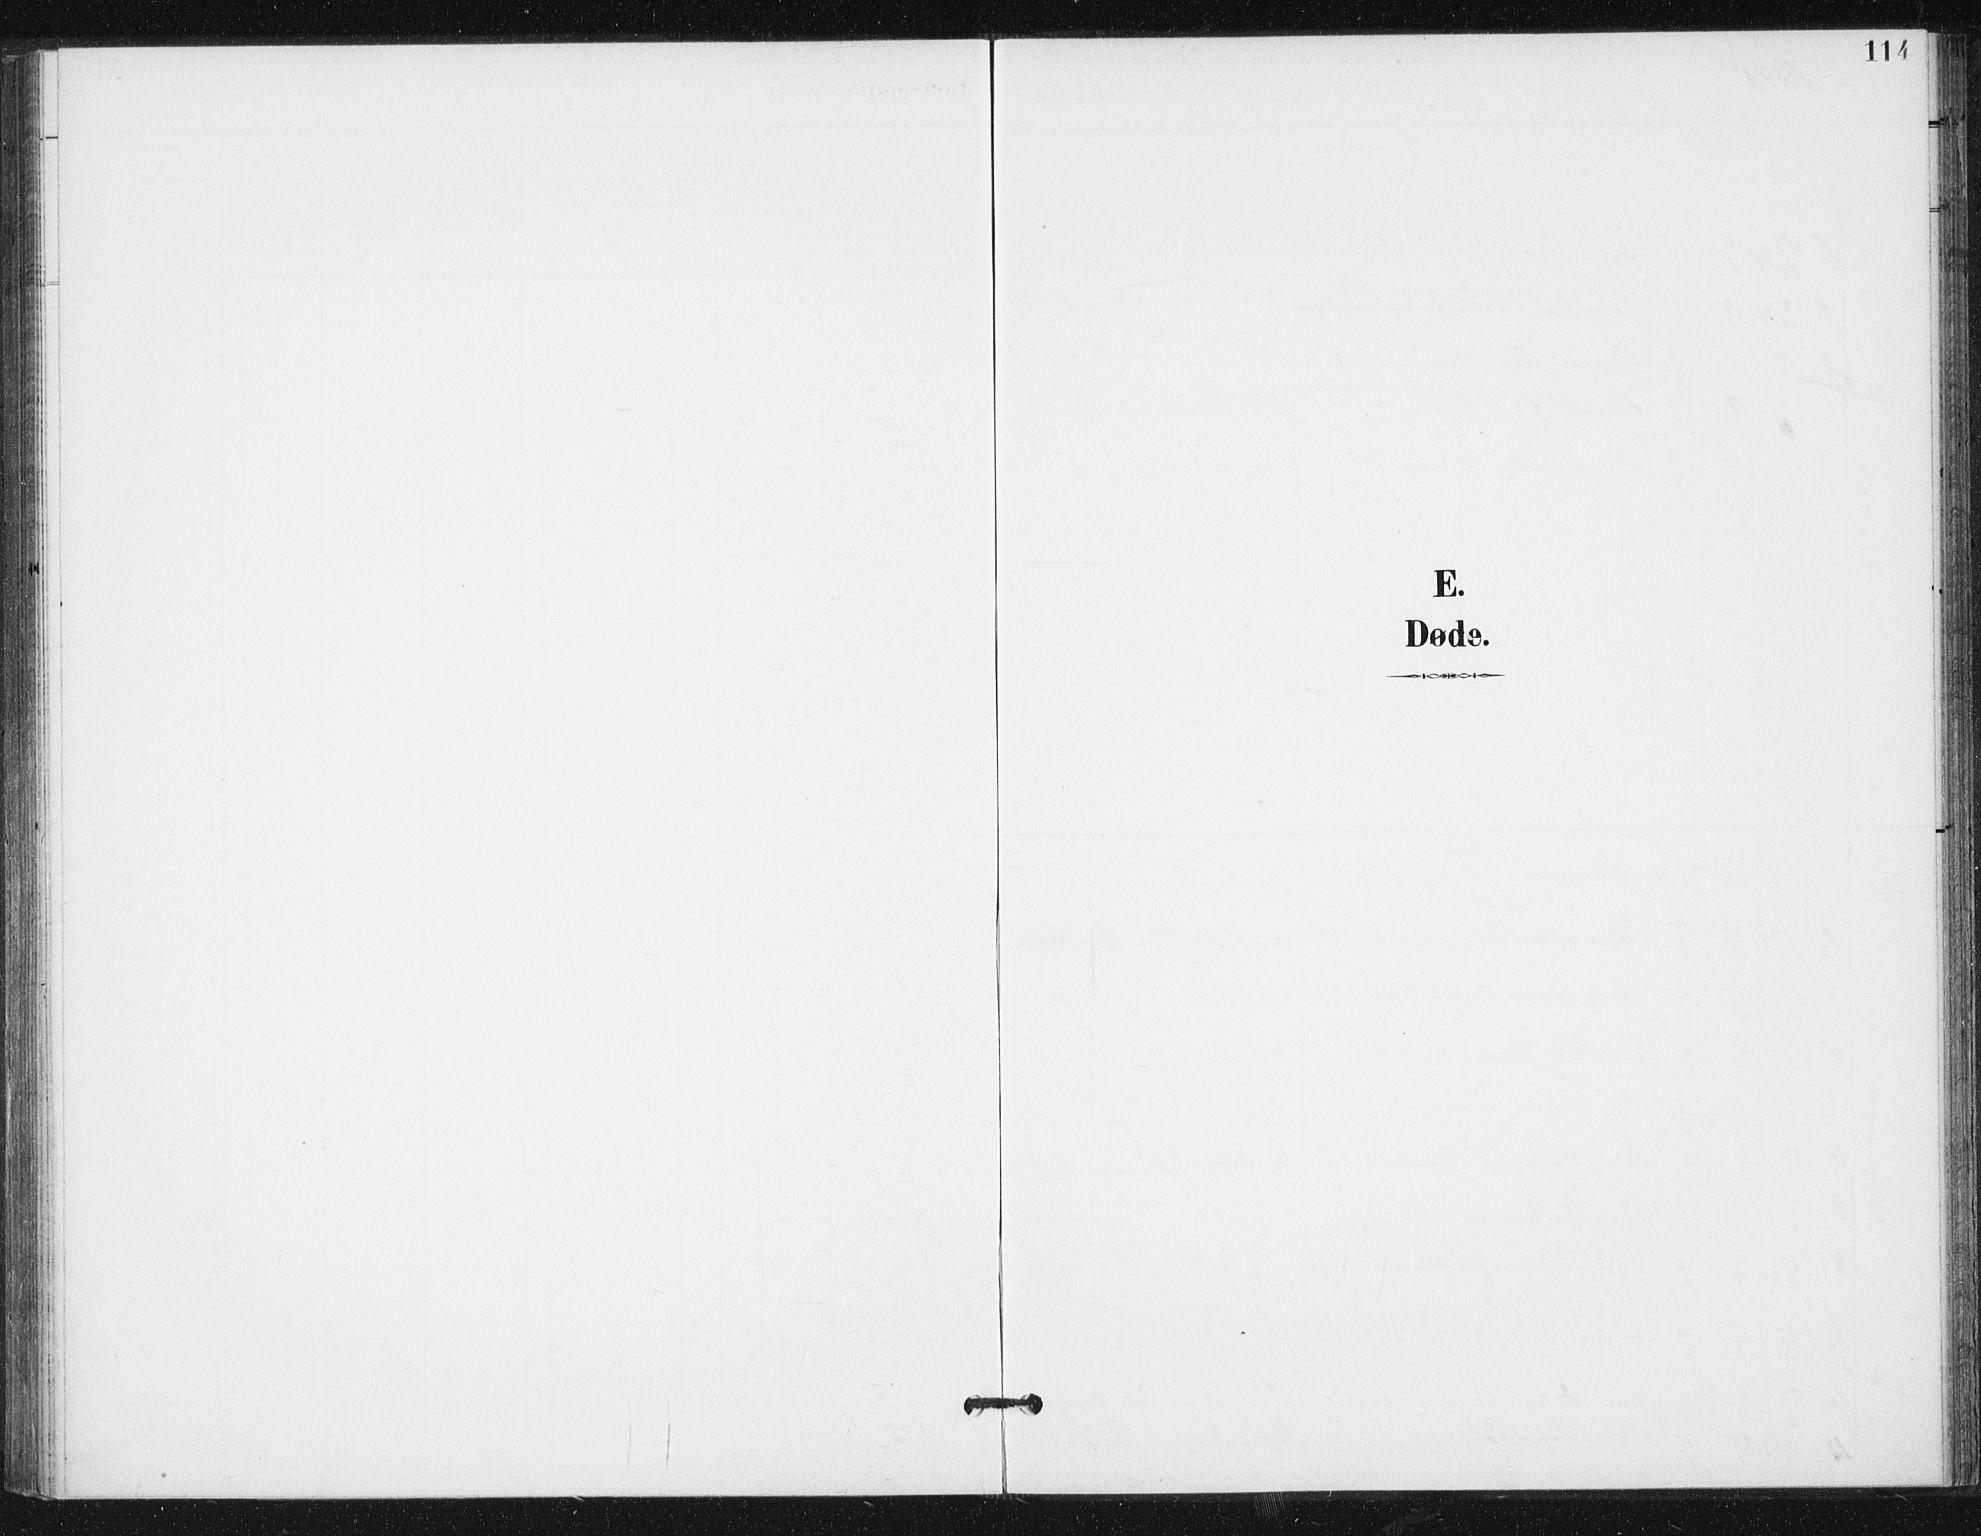 SAT, Ministerialprotokoller, klokkerbøker og fødselsregistre - Sør-Trøndelag, 654/L0664: Ministerialbok nr. 654A02, 1895-1907, s. 114